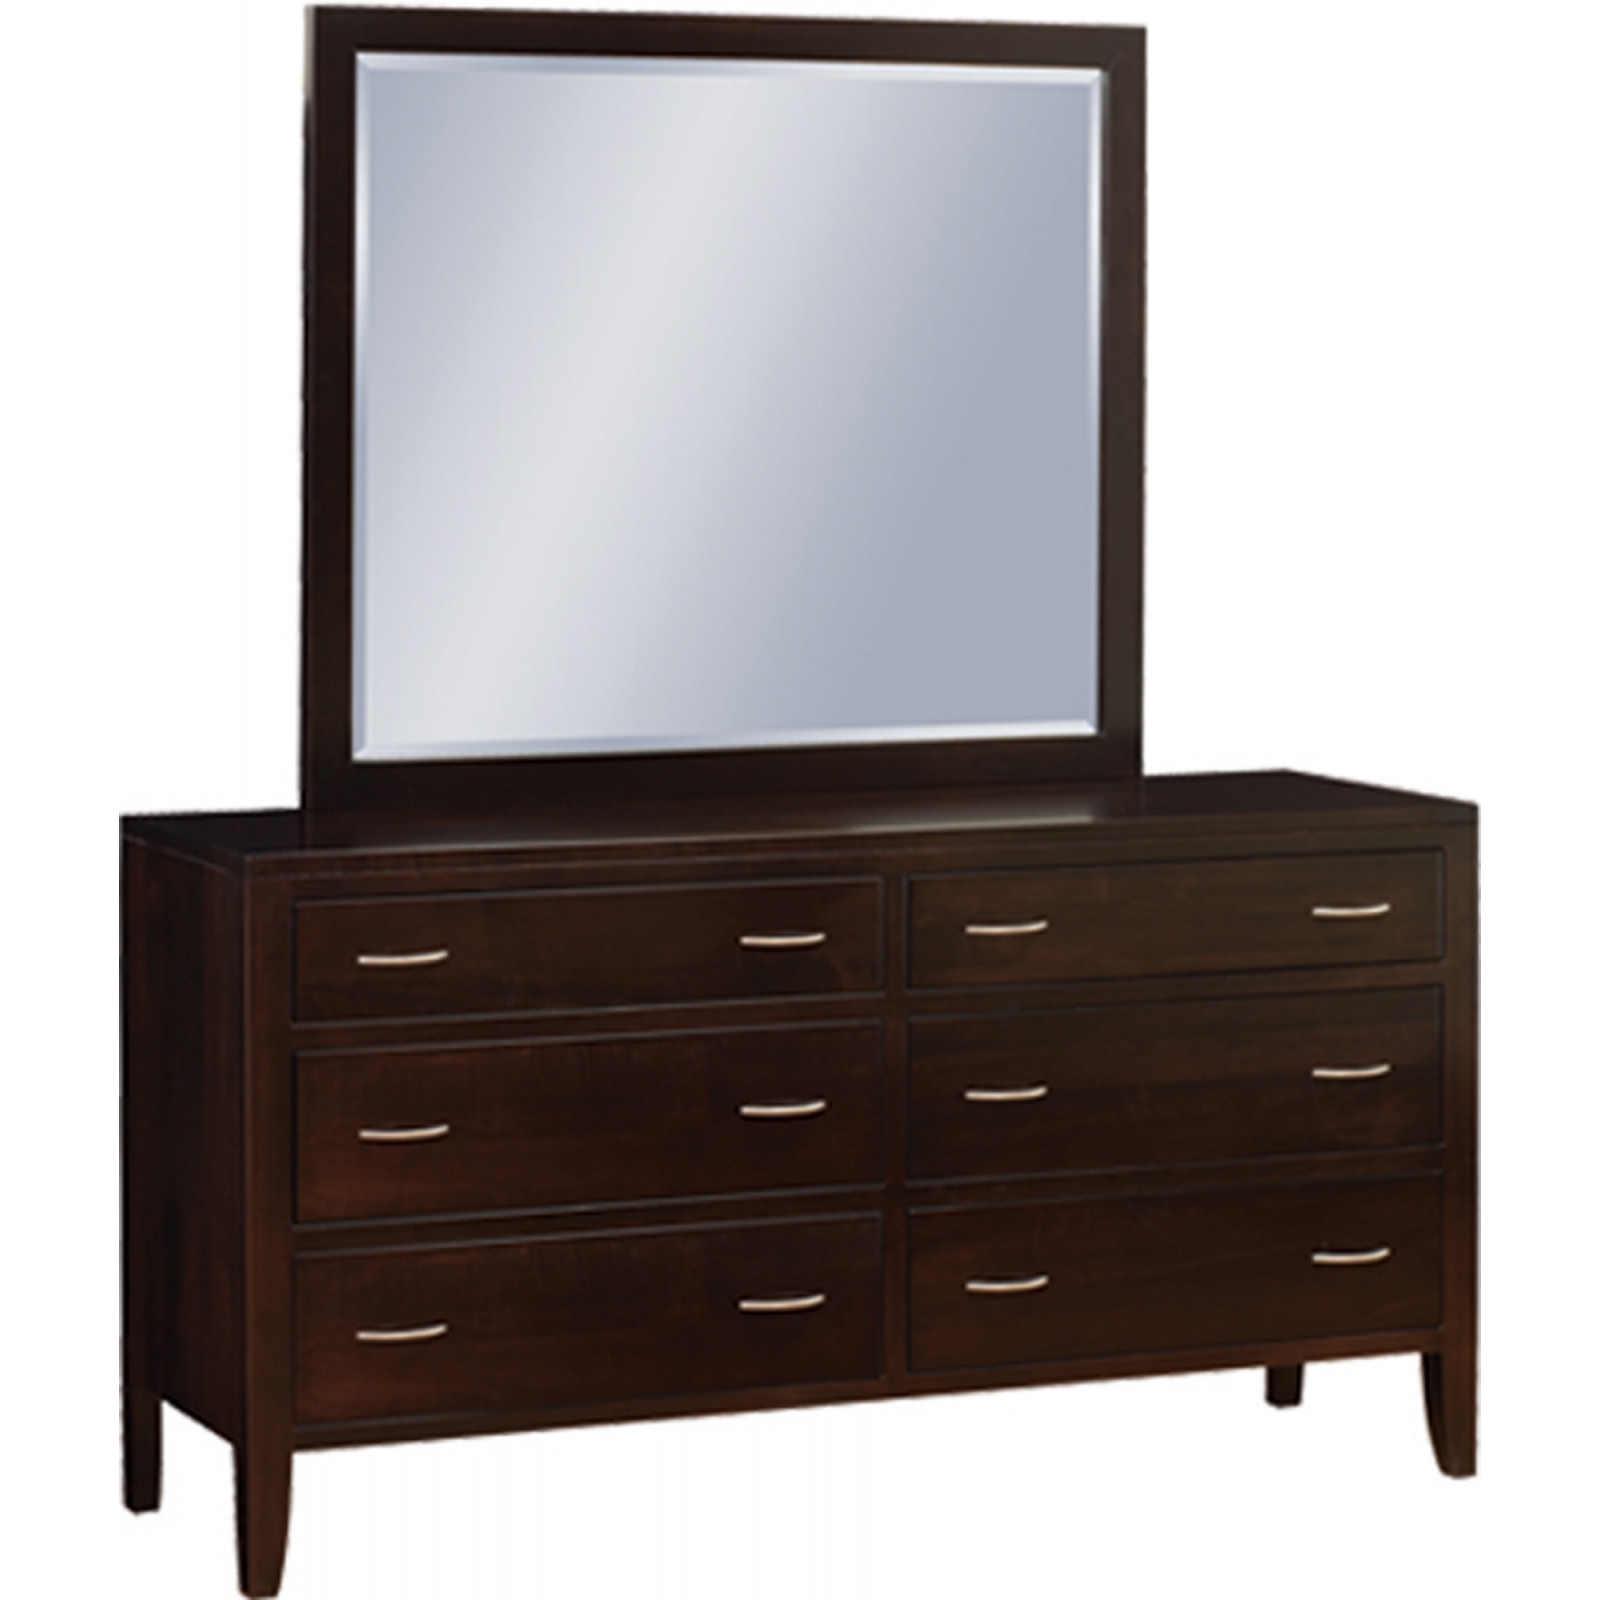 Barrington Bedroom Collection BR-1355 Triple Dresser